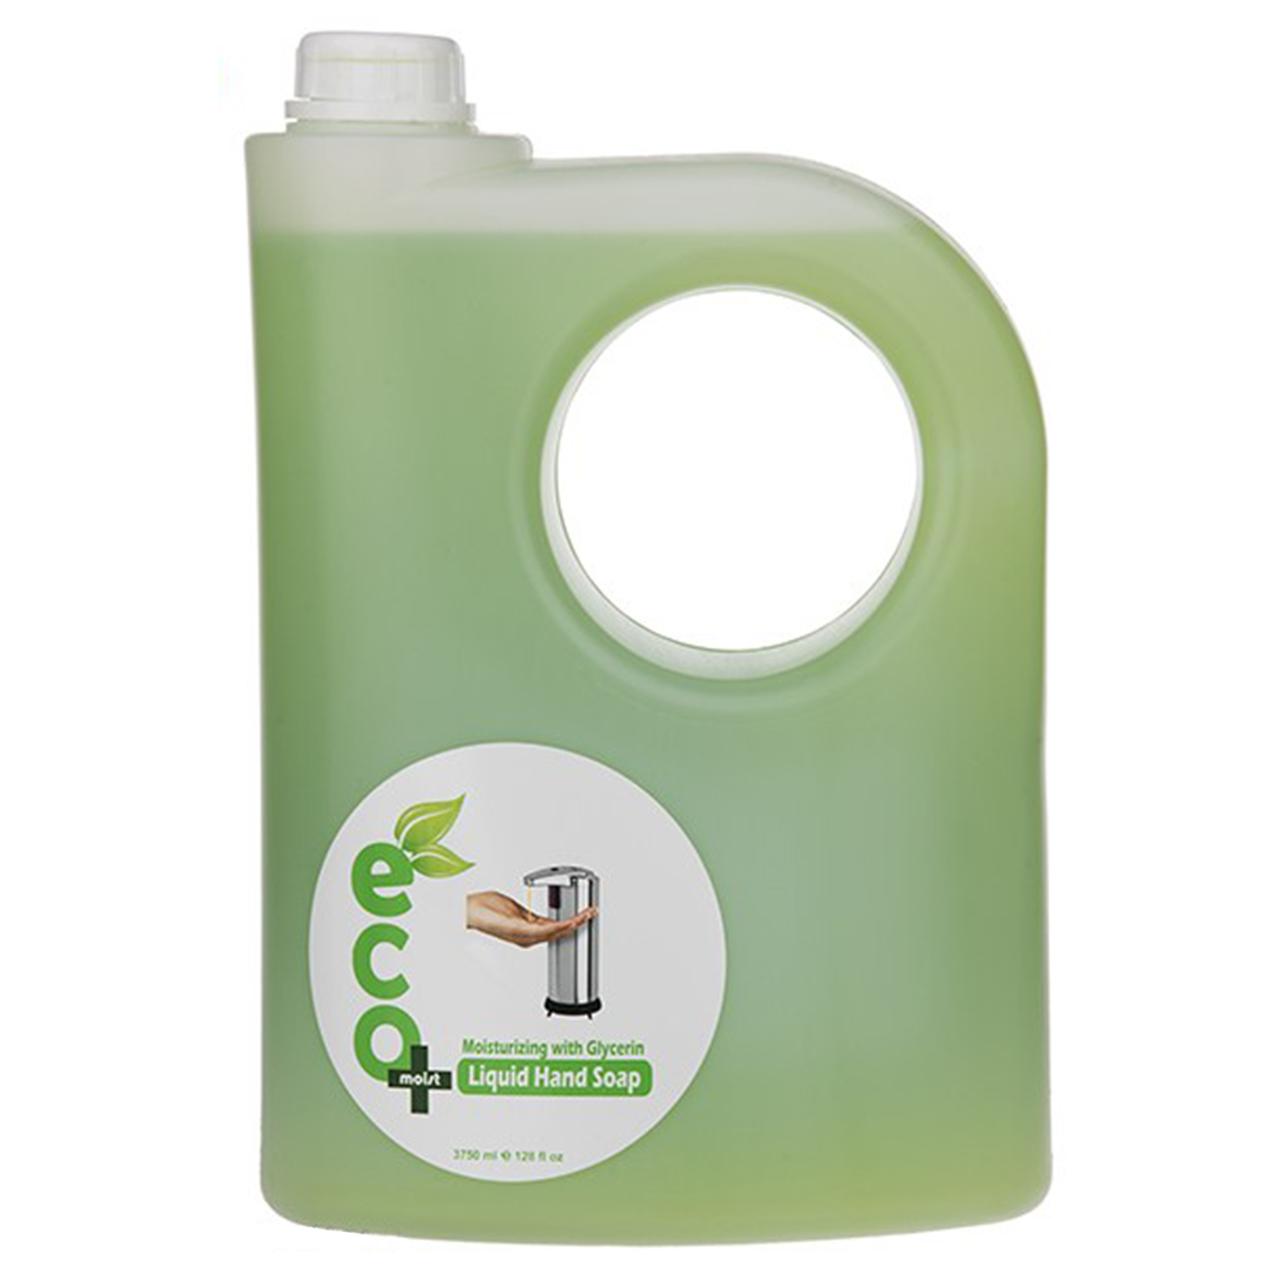 مایع دستشویی گلیسیرینه ایکو مویست مدل Green حجم 3750 میلی لیتر